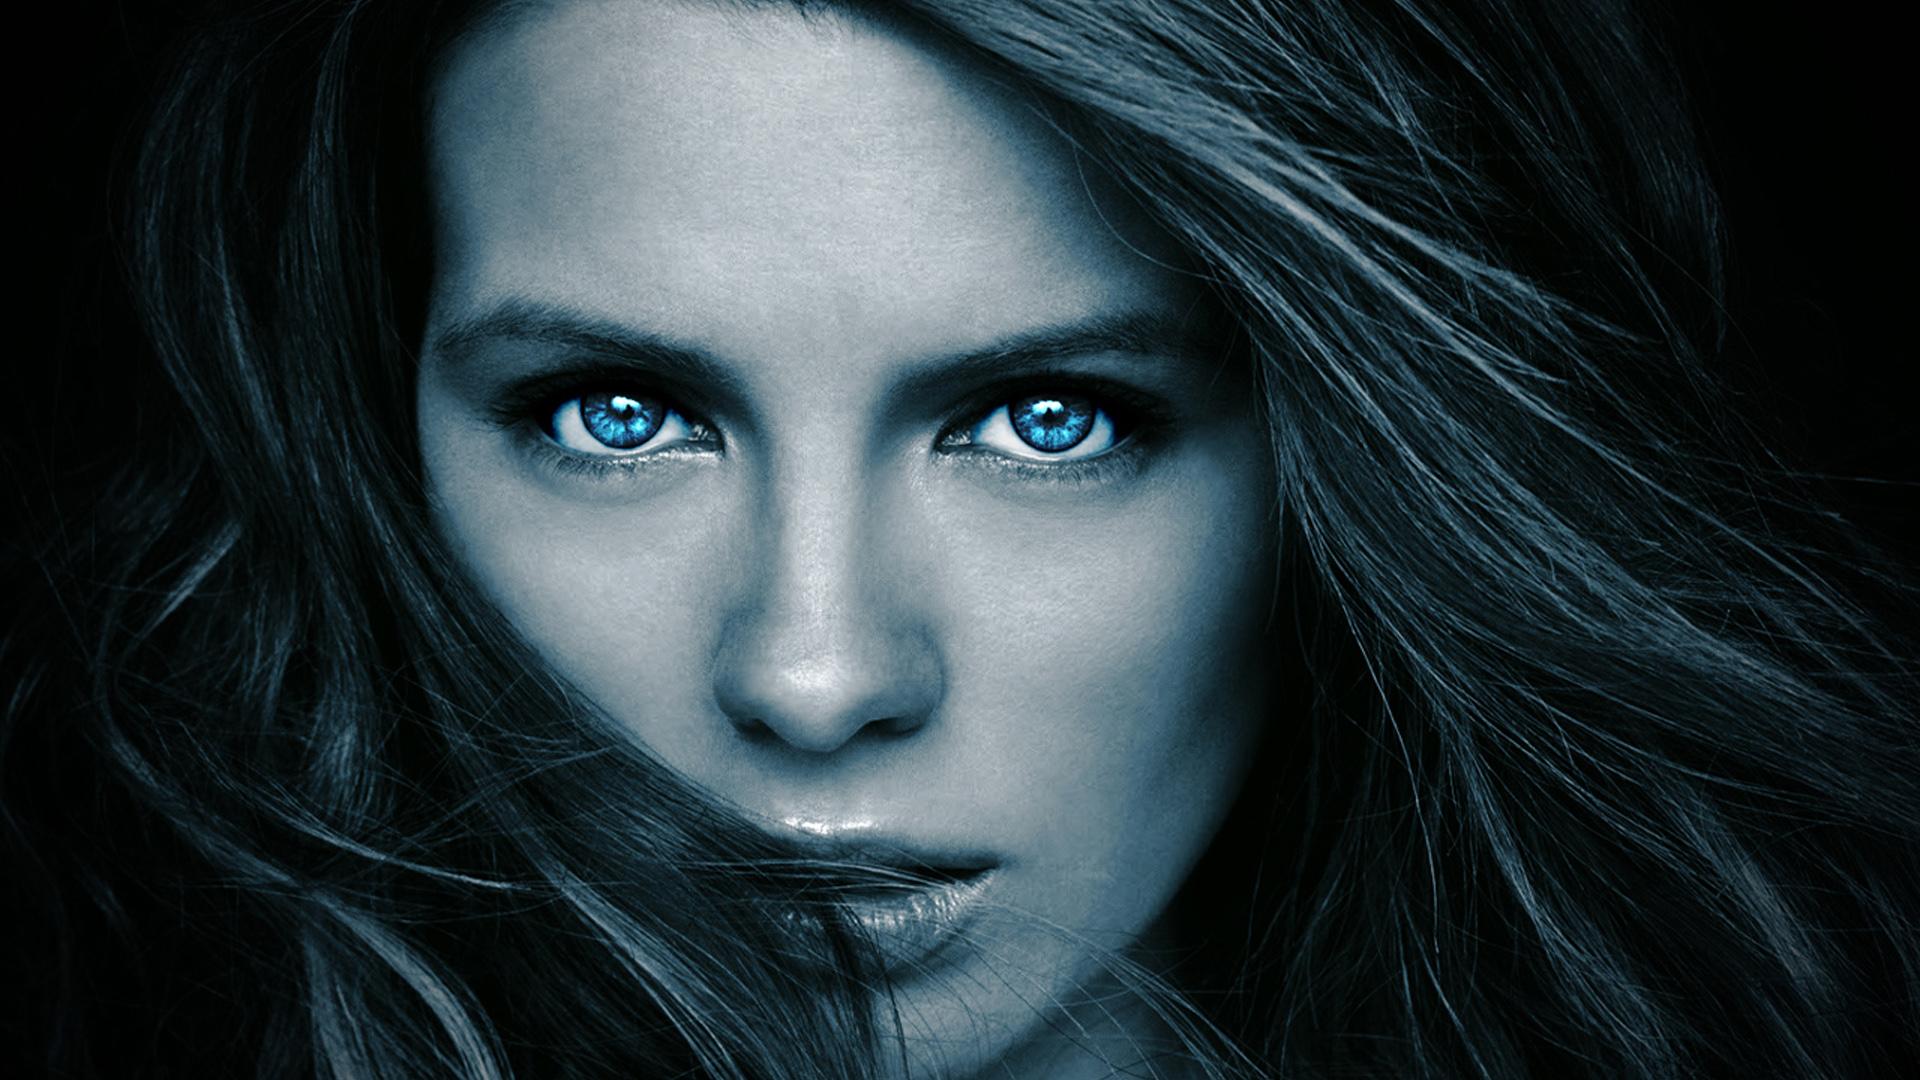 Kate Beckinsale Fondo De Pantalla Hd Fondo De Escritorio